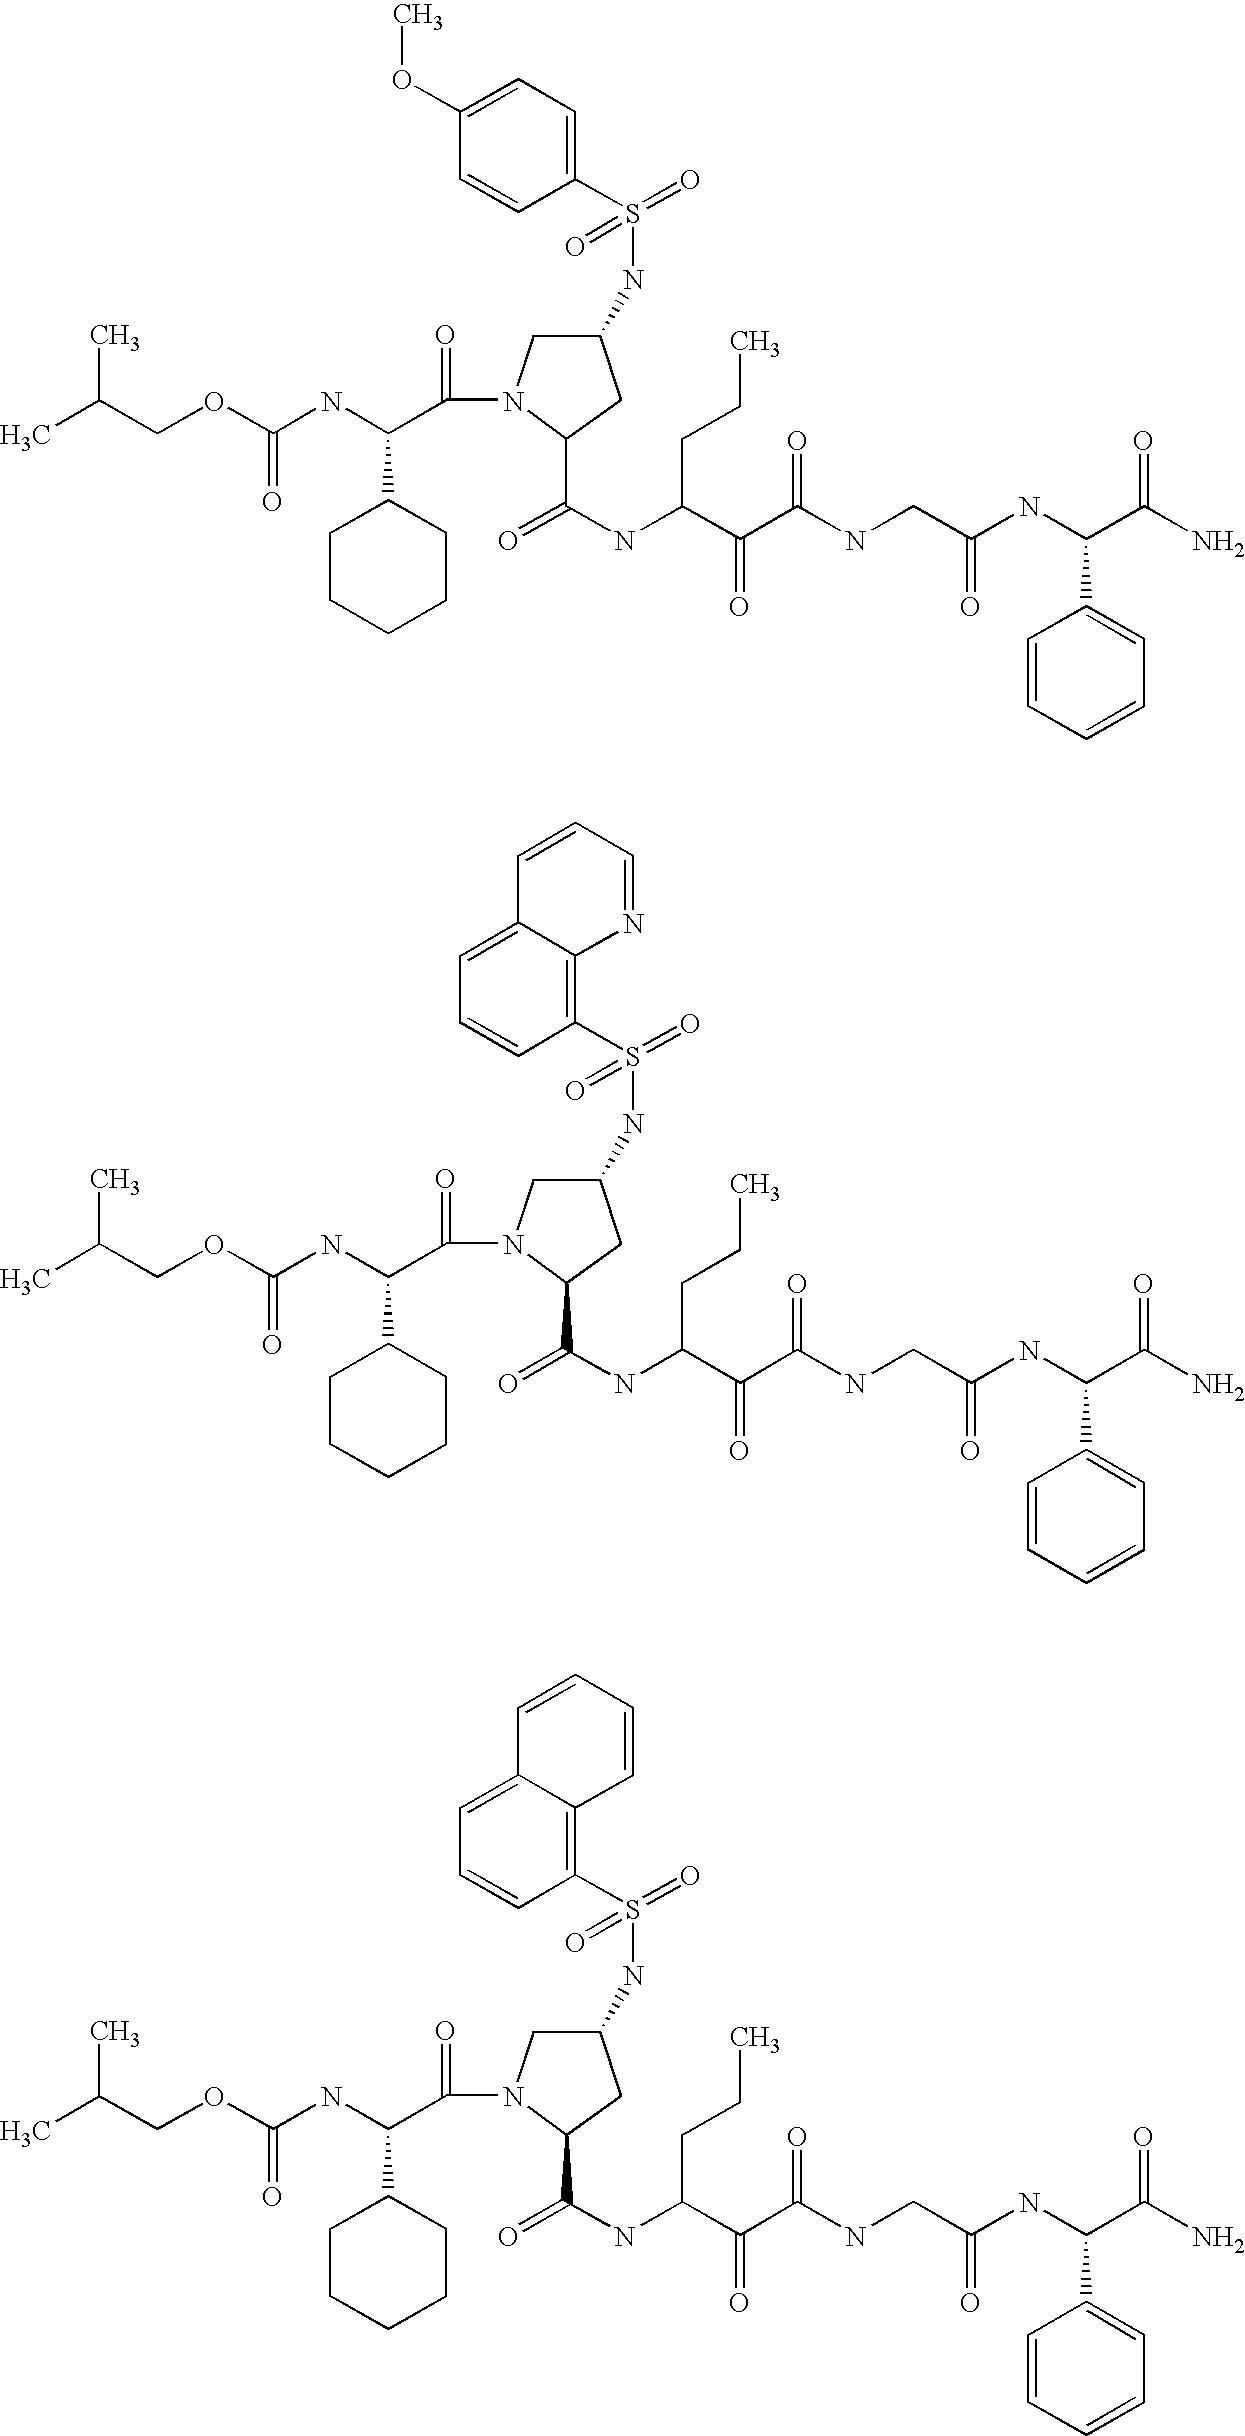 Figure US20060287248A1-20061221-C00133